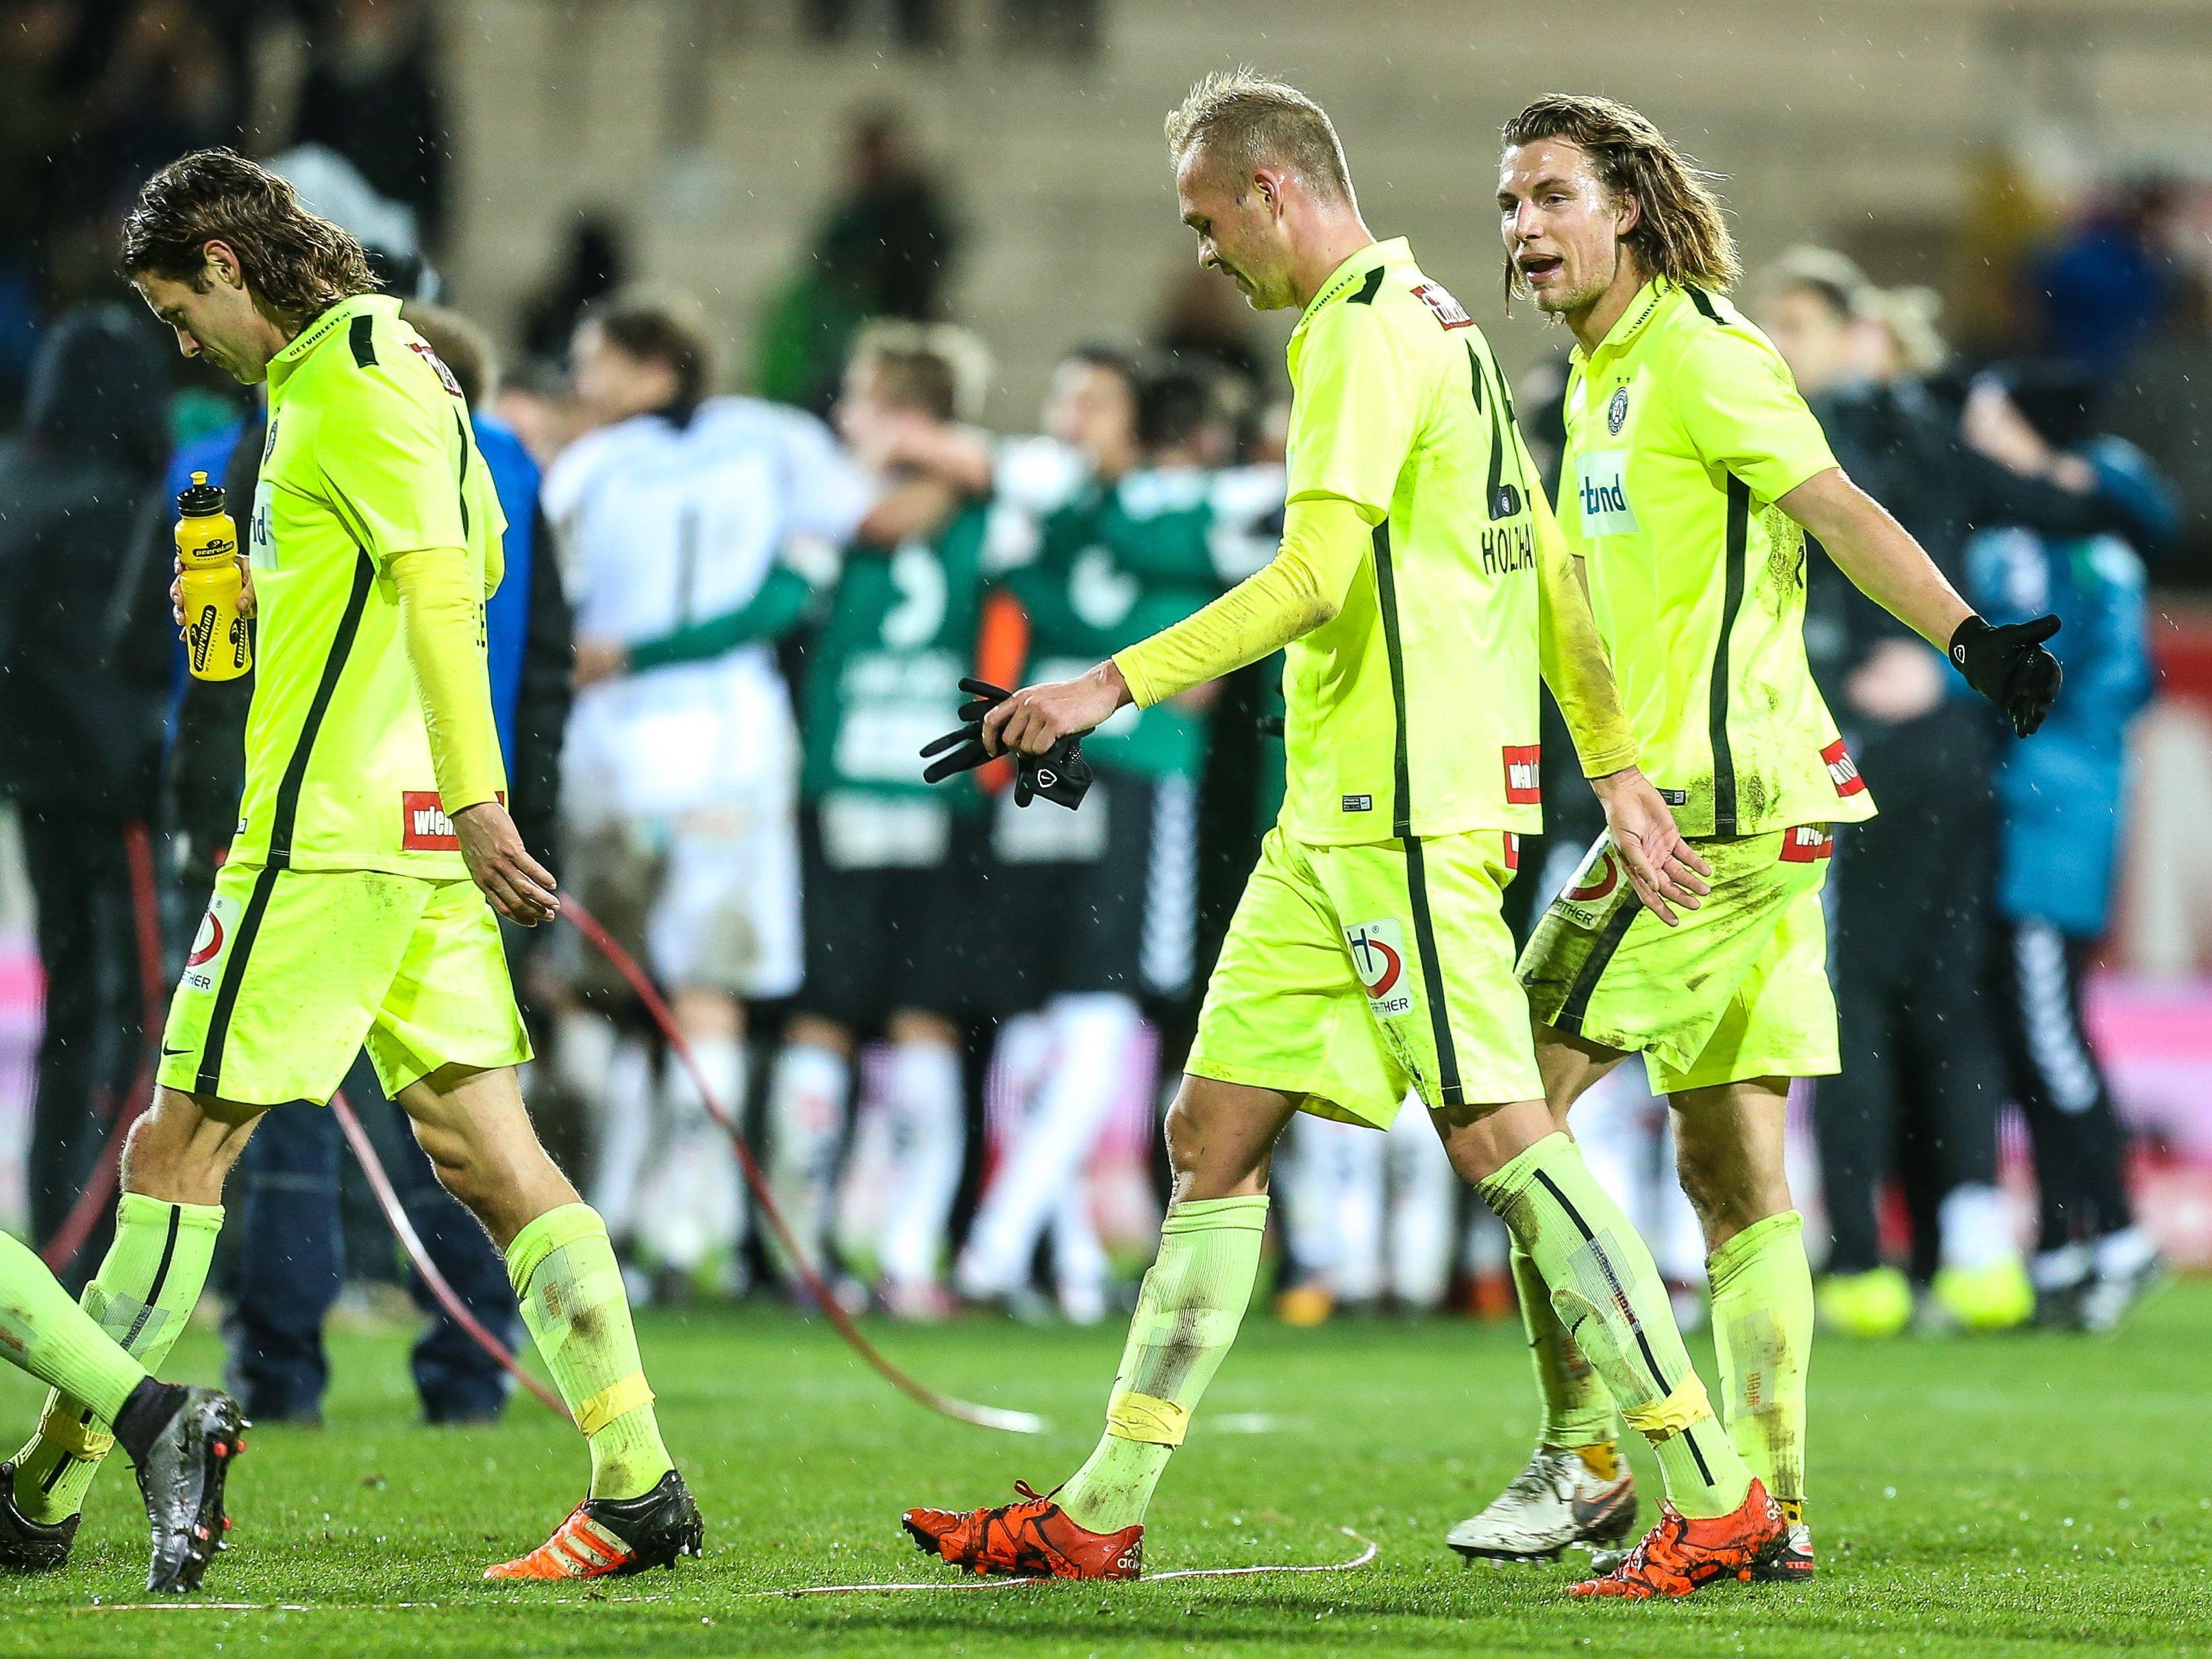 Die Meinungen zum Spiel SV Ried gegen FK Austria Wien.